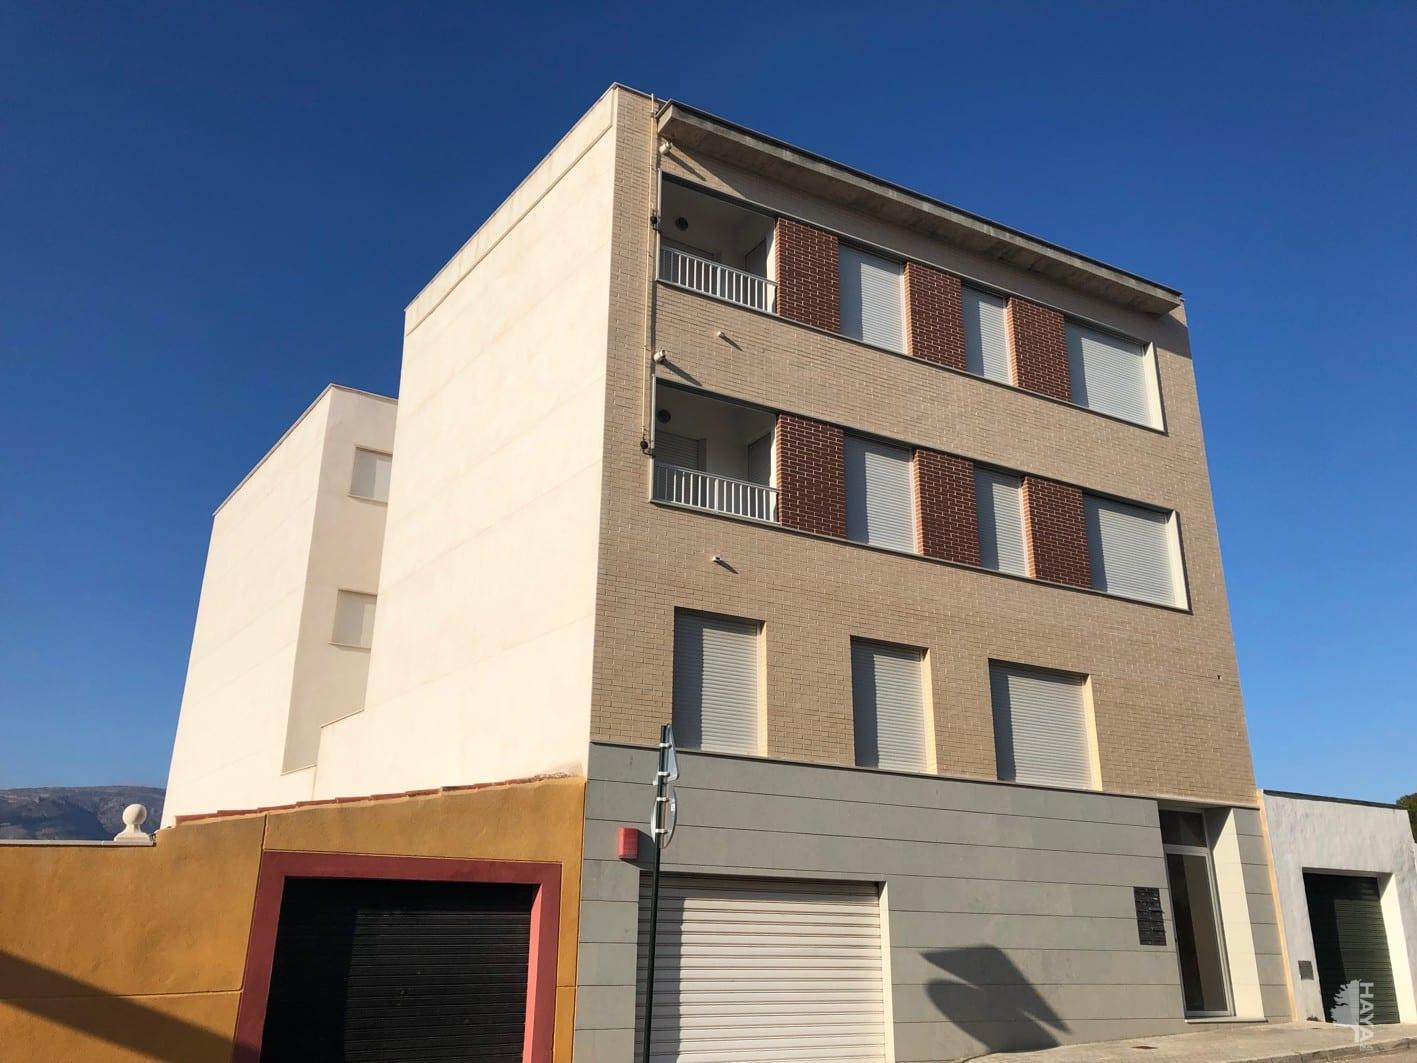 Piso en venta en Viaducte, Alcoy/alcoi, Alicante, Calle Sant Joan de Ribera, 56.000 €, 1 habitación, 1 baño, 48 m2